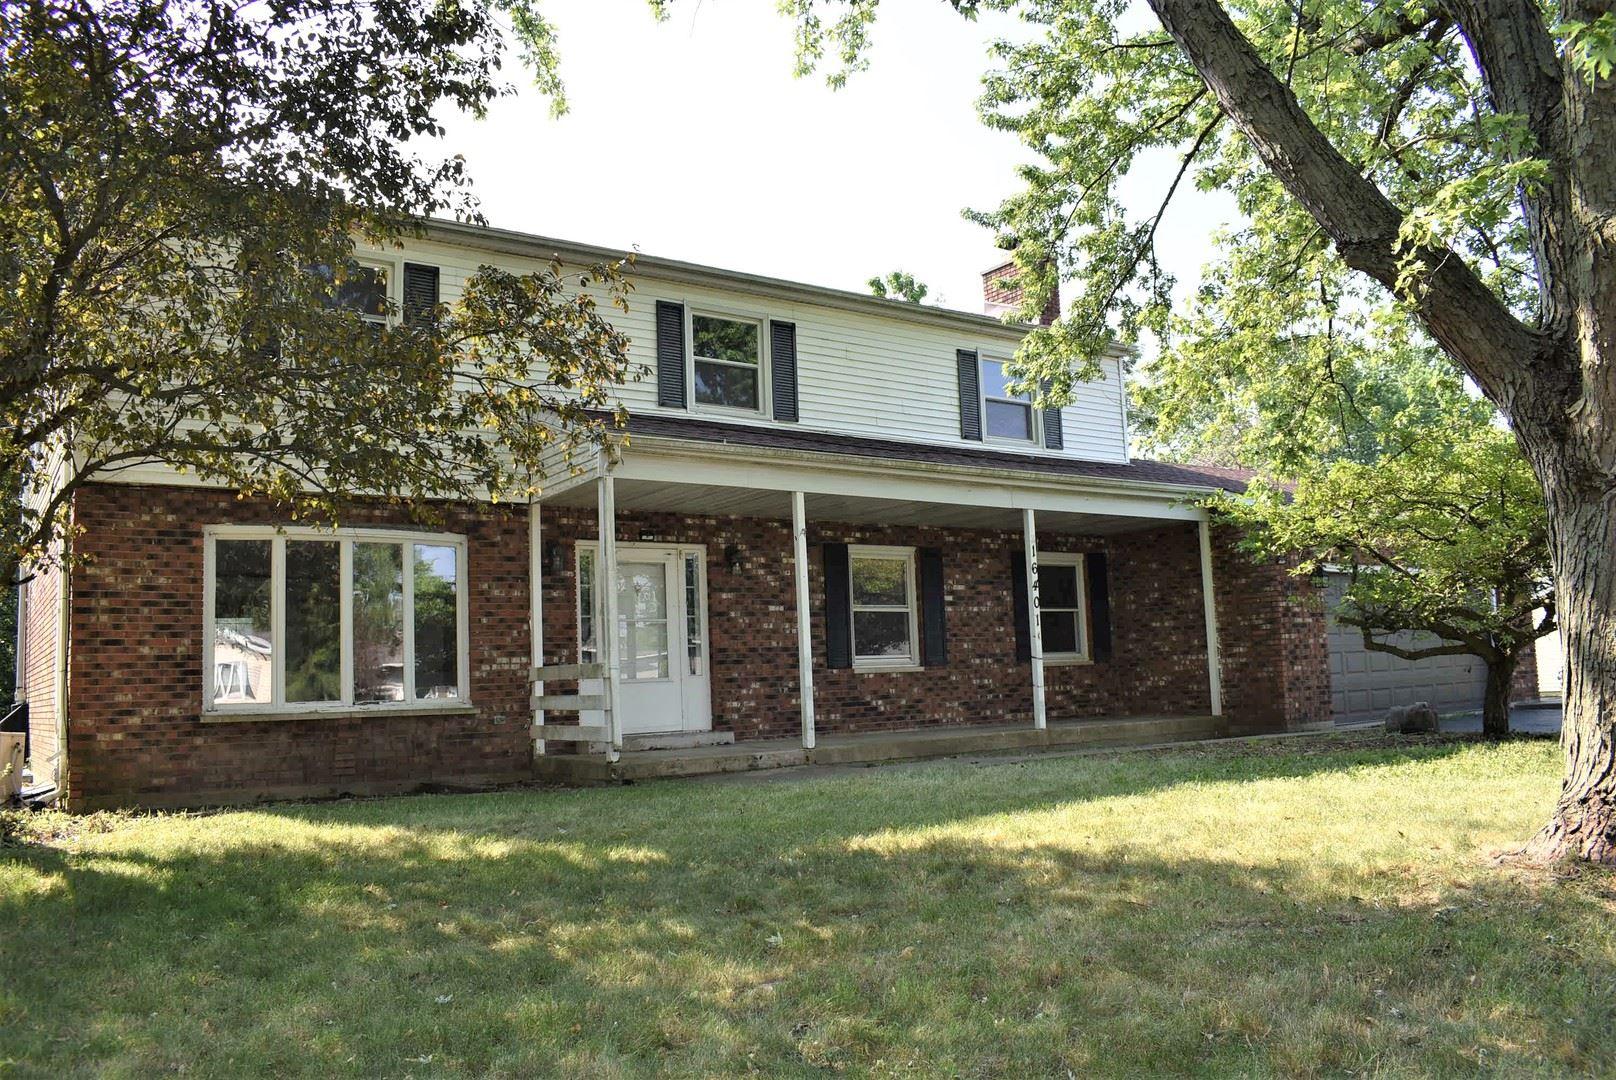 16401 S MAYLEON Drive, Plainfield, IL 60586 - #: 10716938